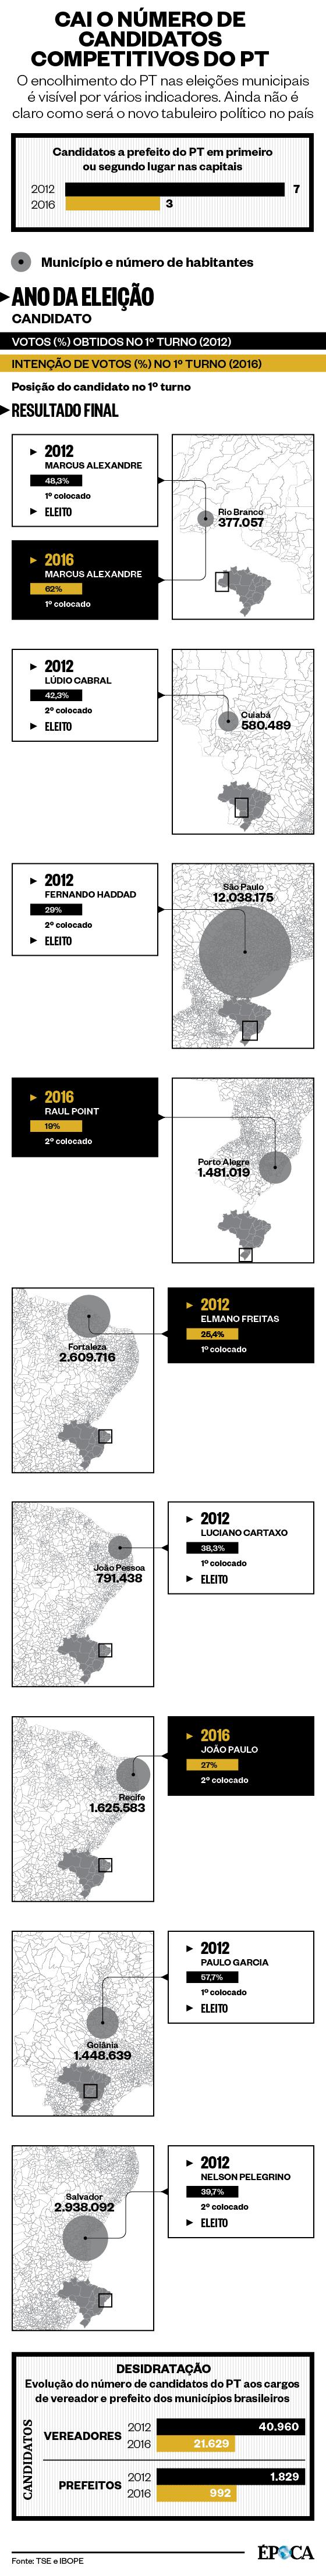 Cai o número de candidatos competitivos do PT  (Foto: Época )